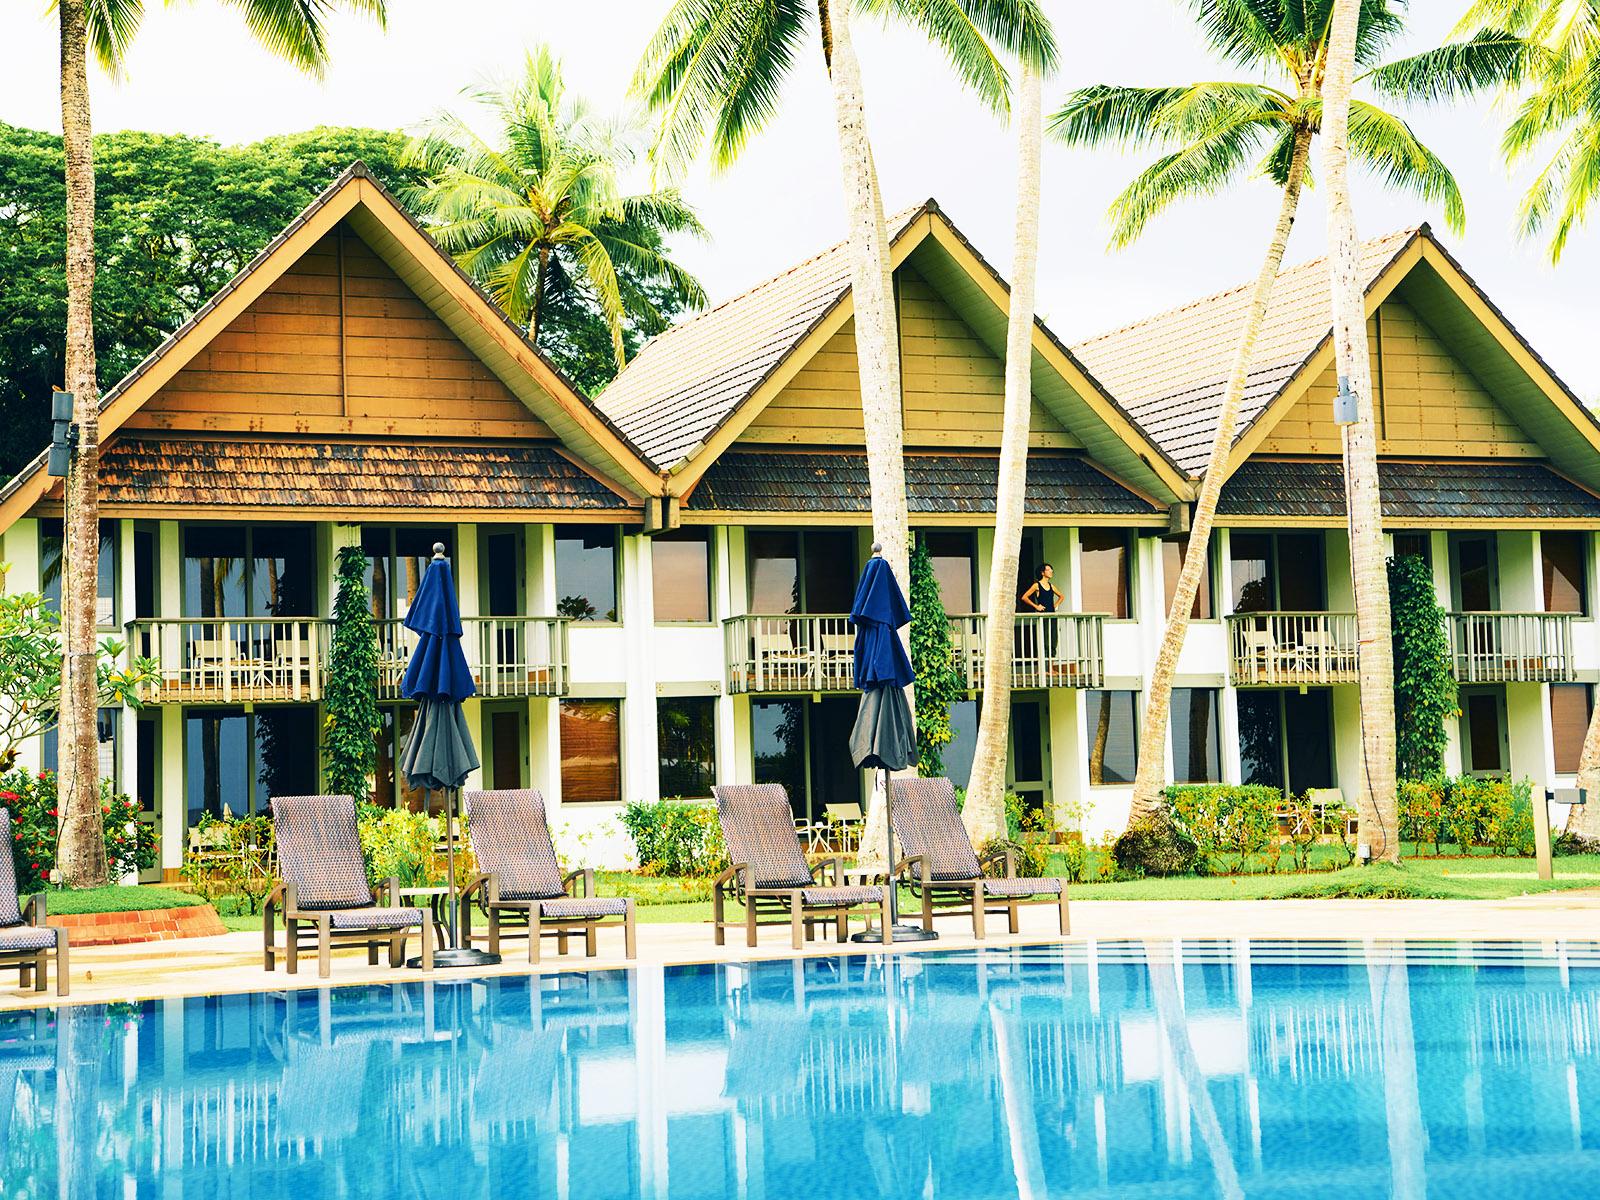 パラオ旅行でおすすめしたい人気ホテル10選|高級ホテルやファミリー向けまで